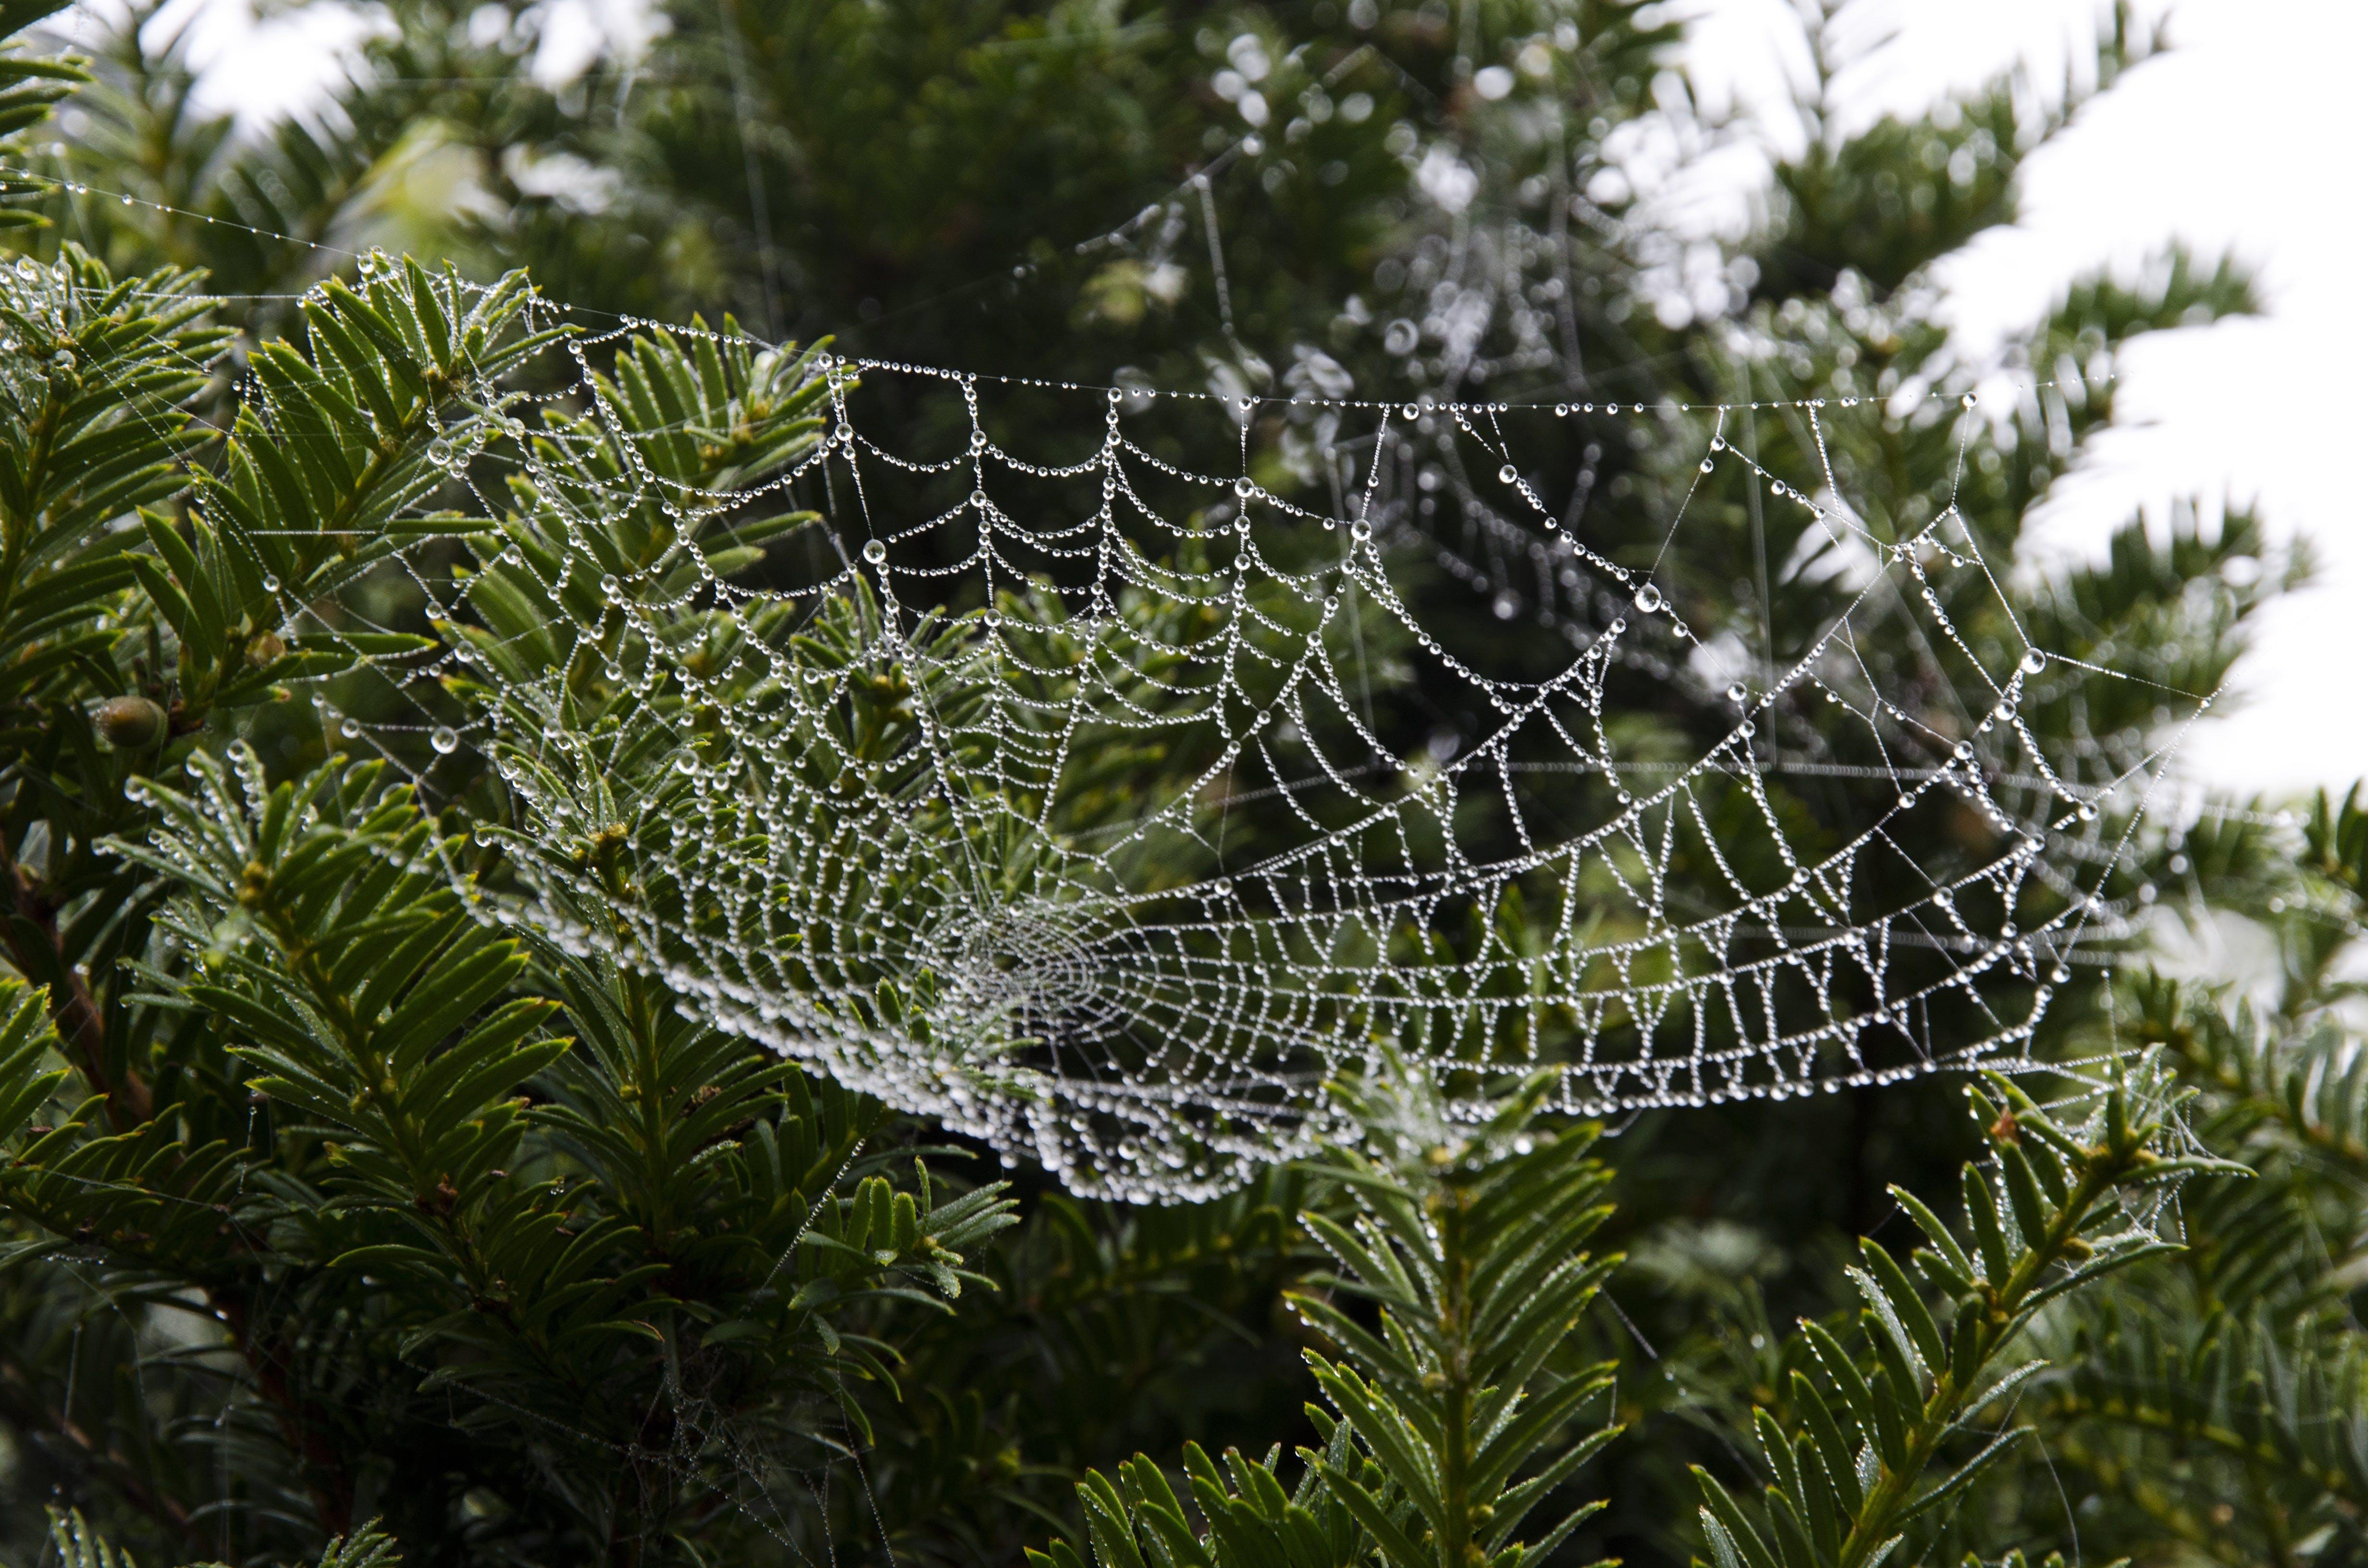 Spiderweb on Green Leafed Tree